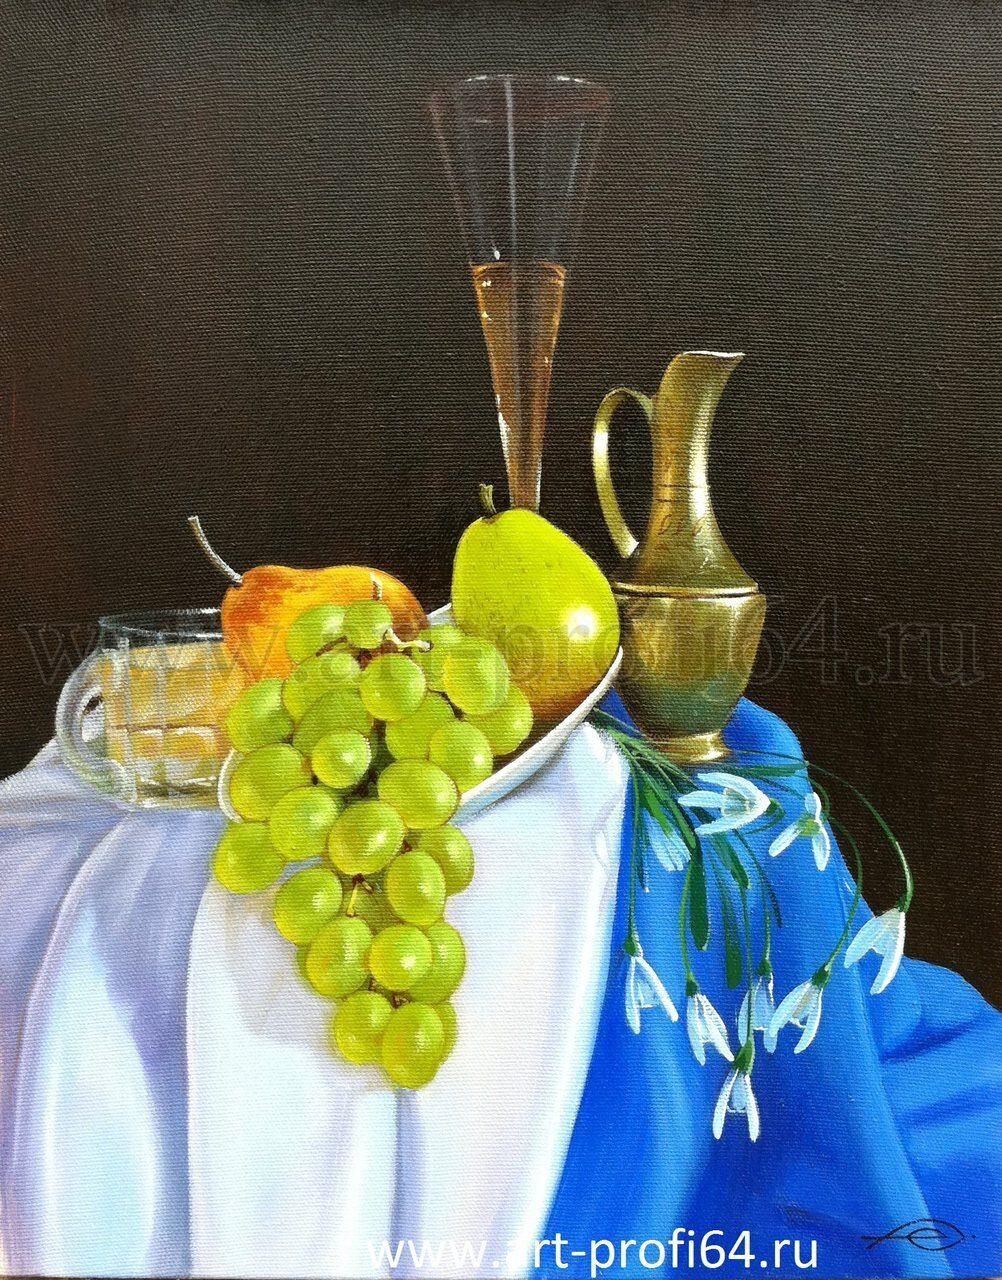 Виноград вино и цветы 72